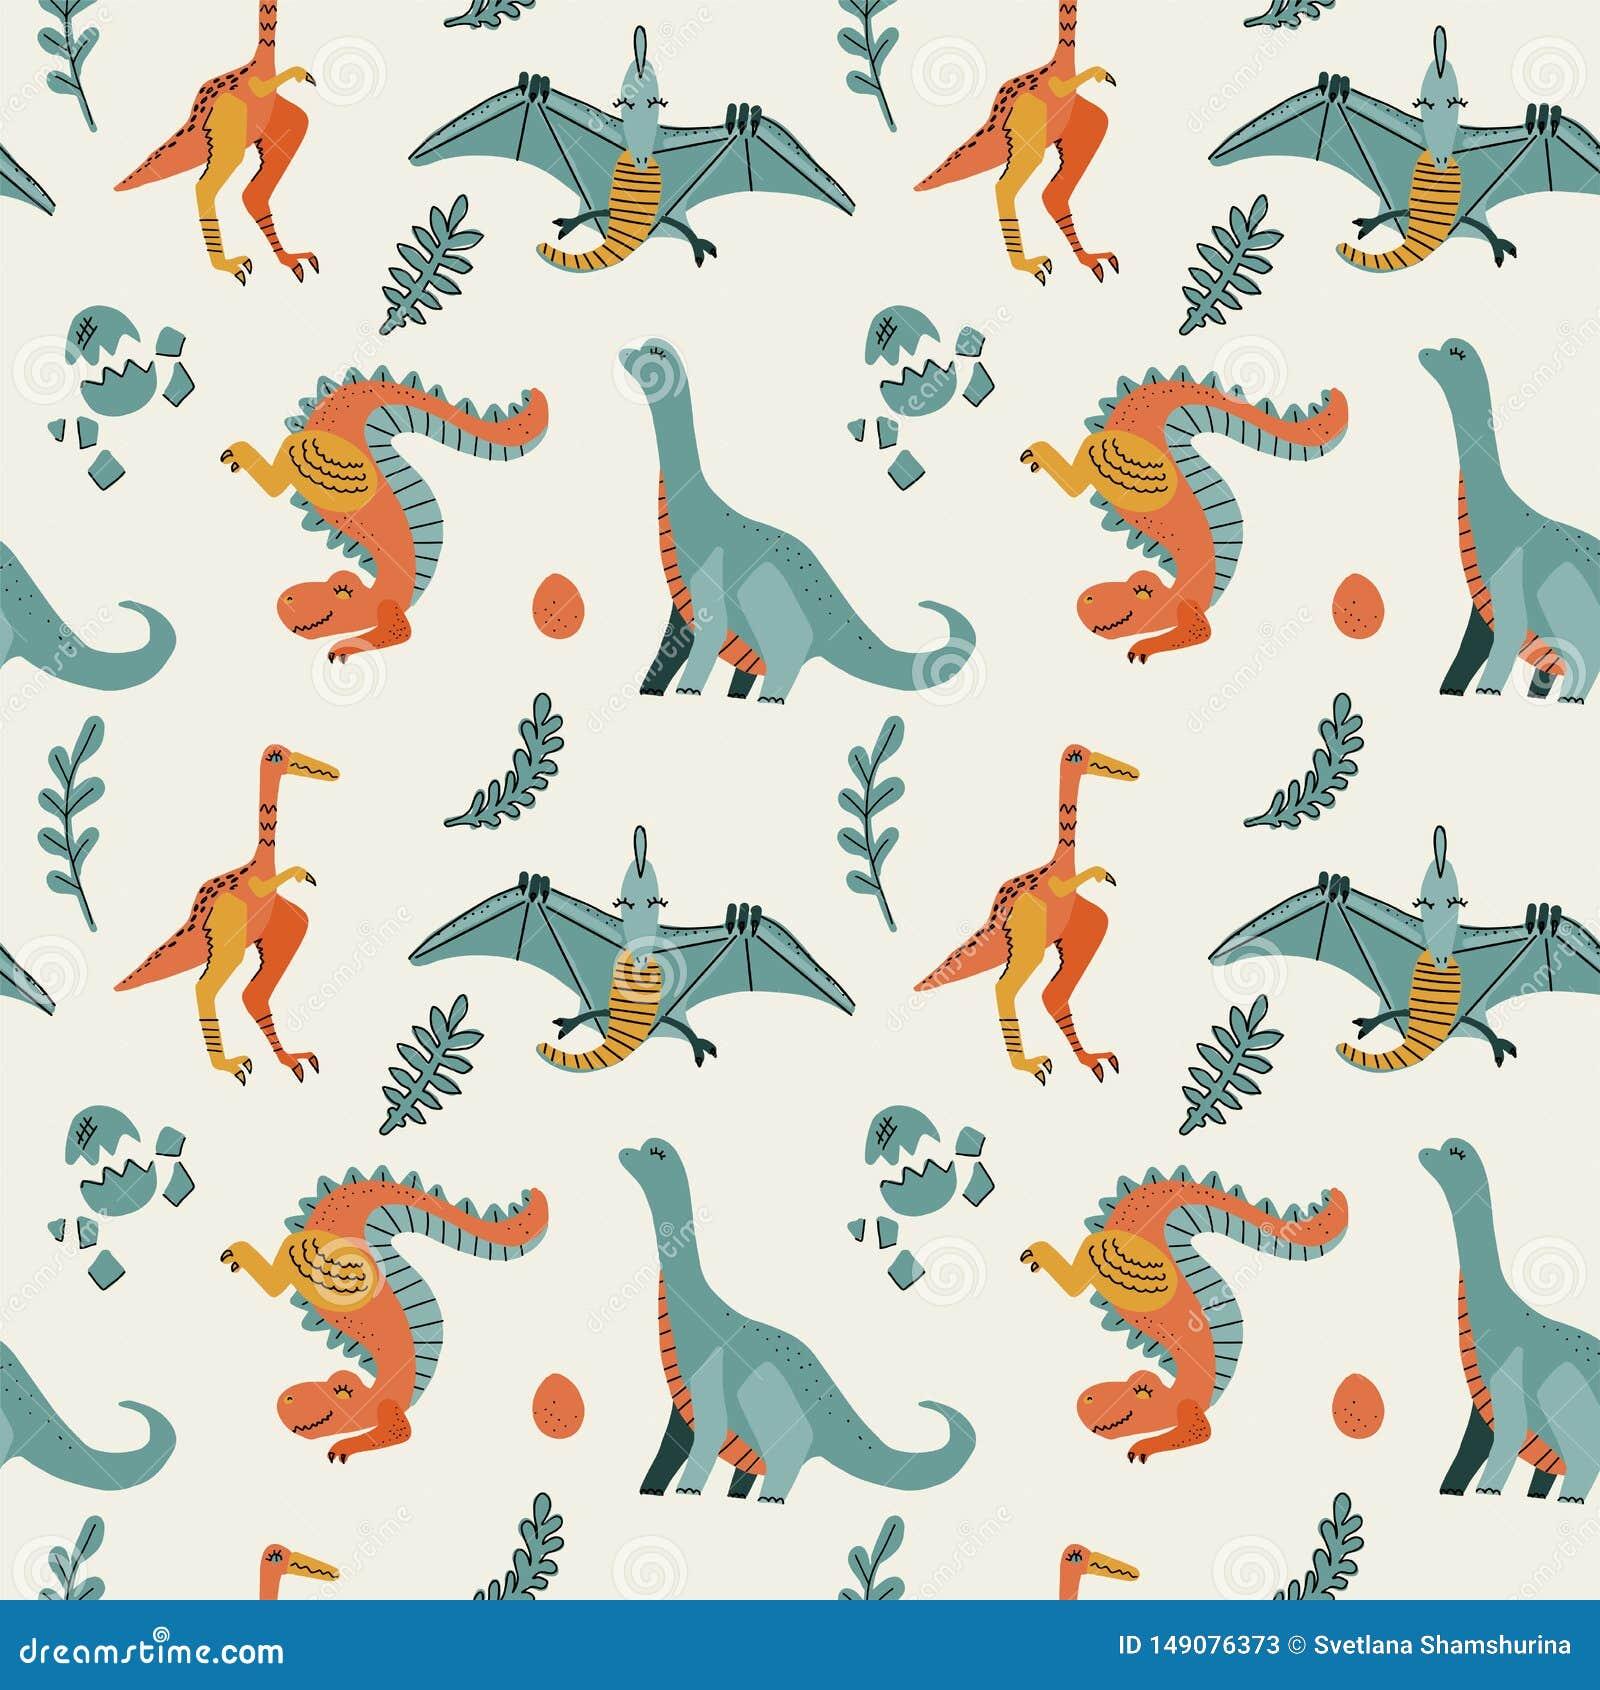 Leuk kinderachtig naadloos vectorpatroon met dinosaurussen t -t-rex met eieren, decor De grappige pterodactylus van beeldverhaald